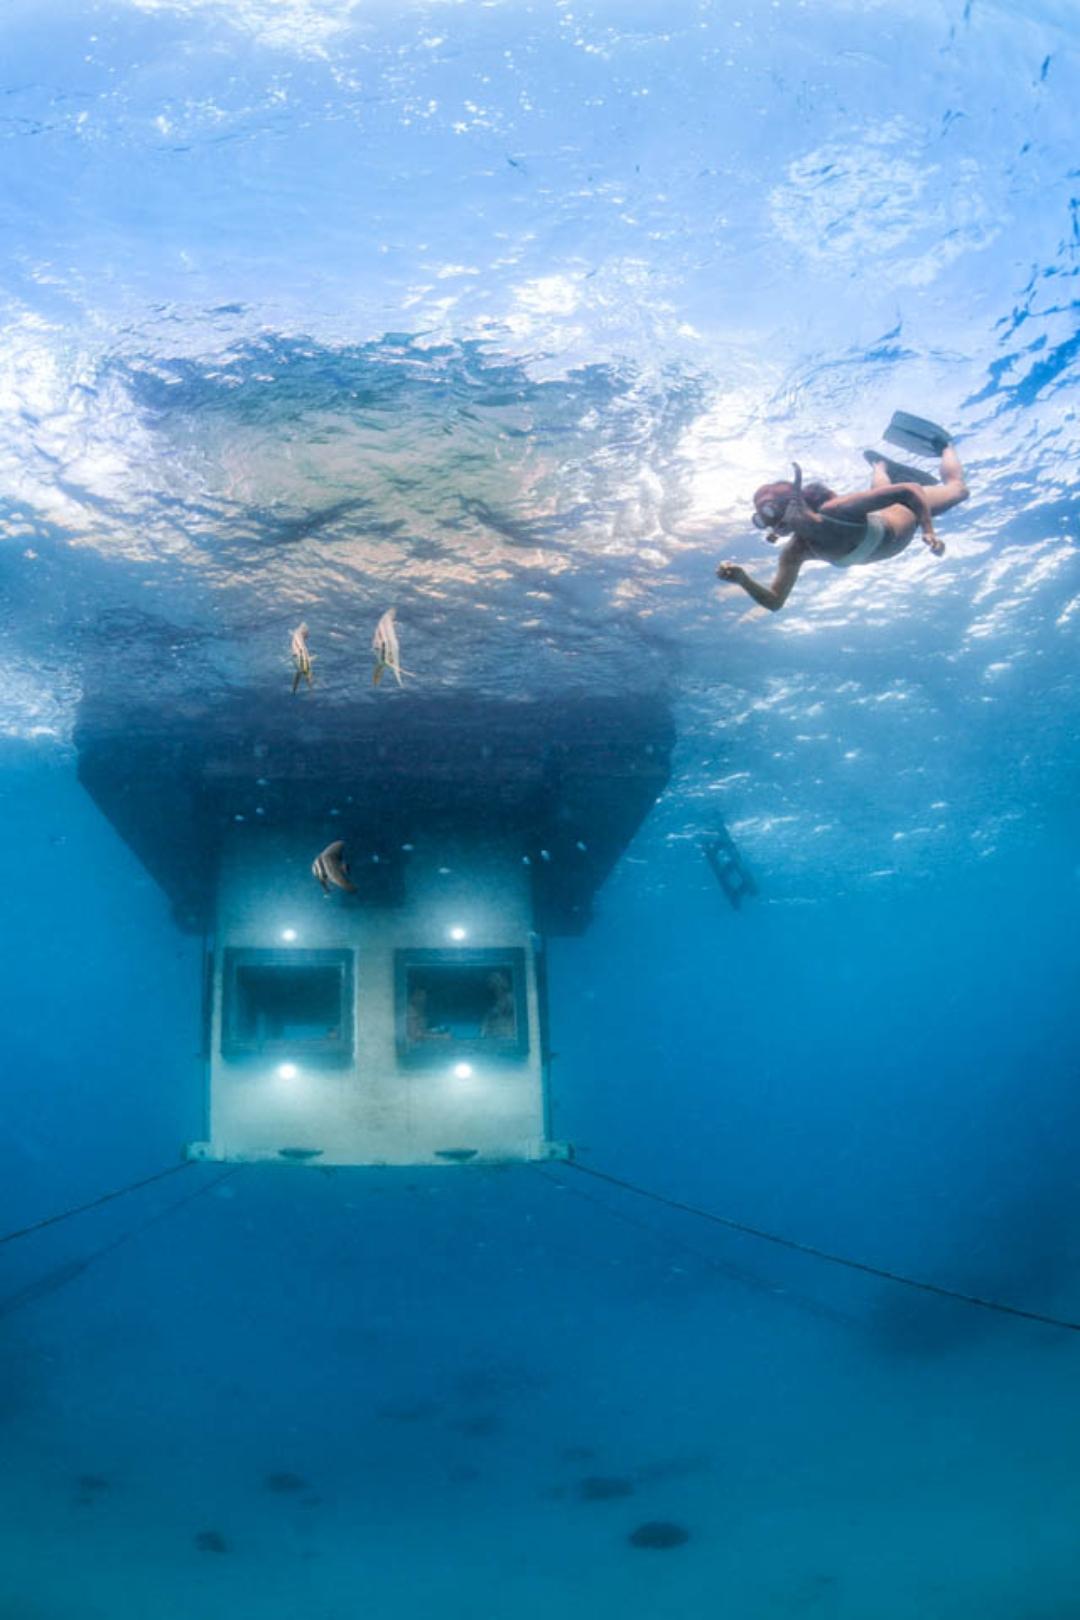 ห้องใต้น้ำ Underwater Room